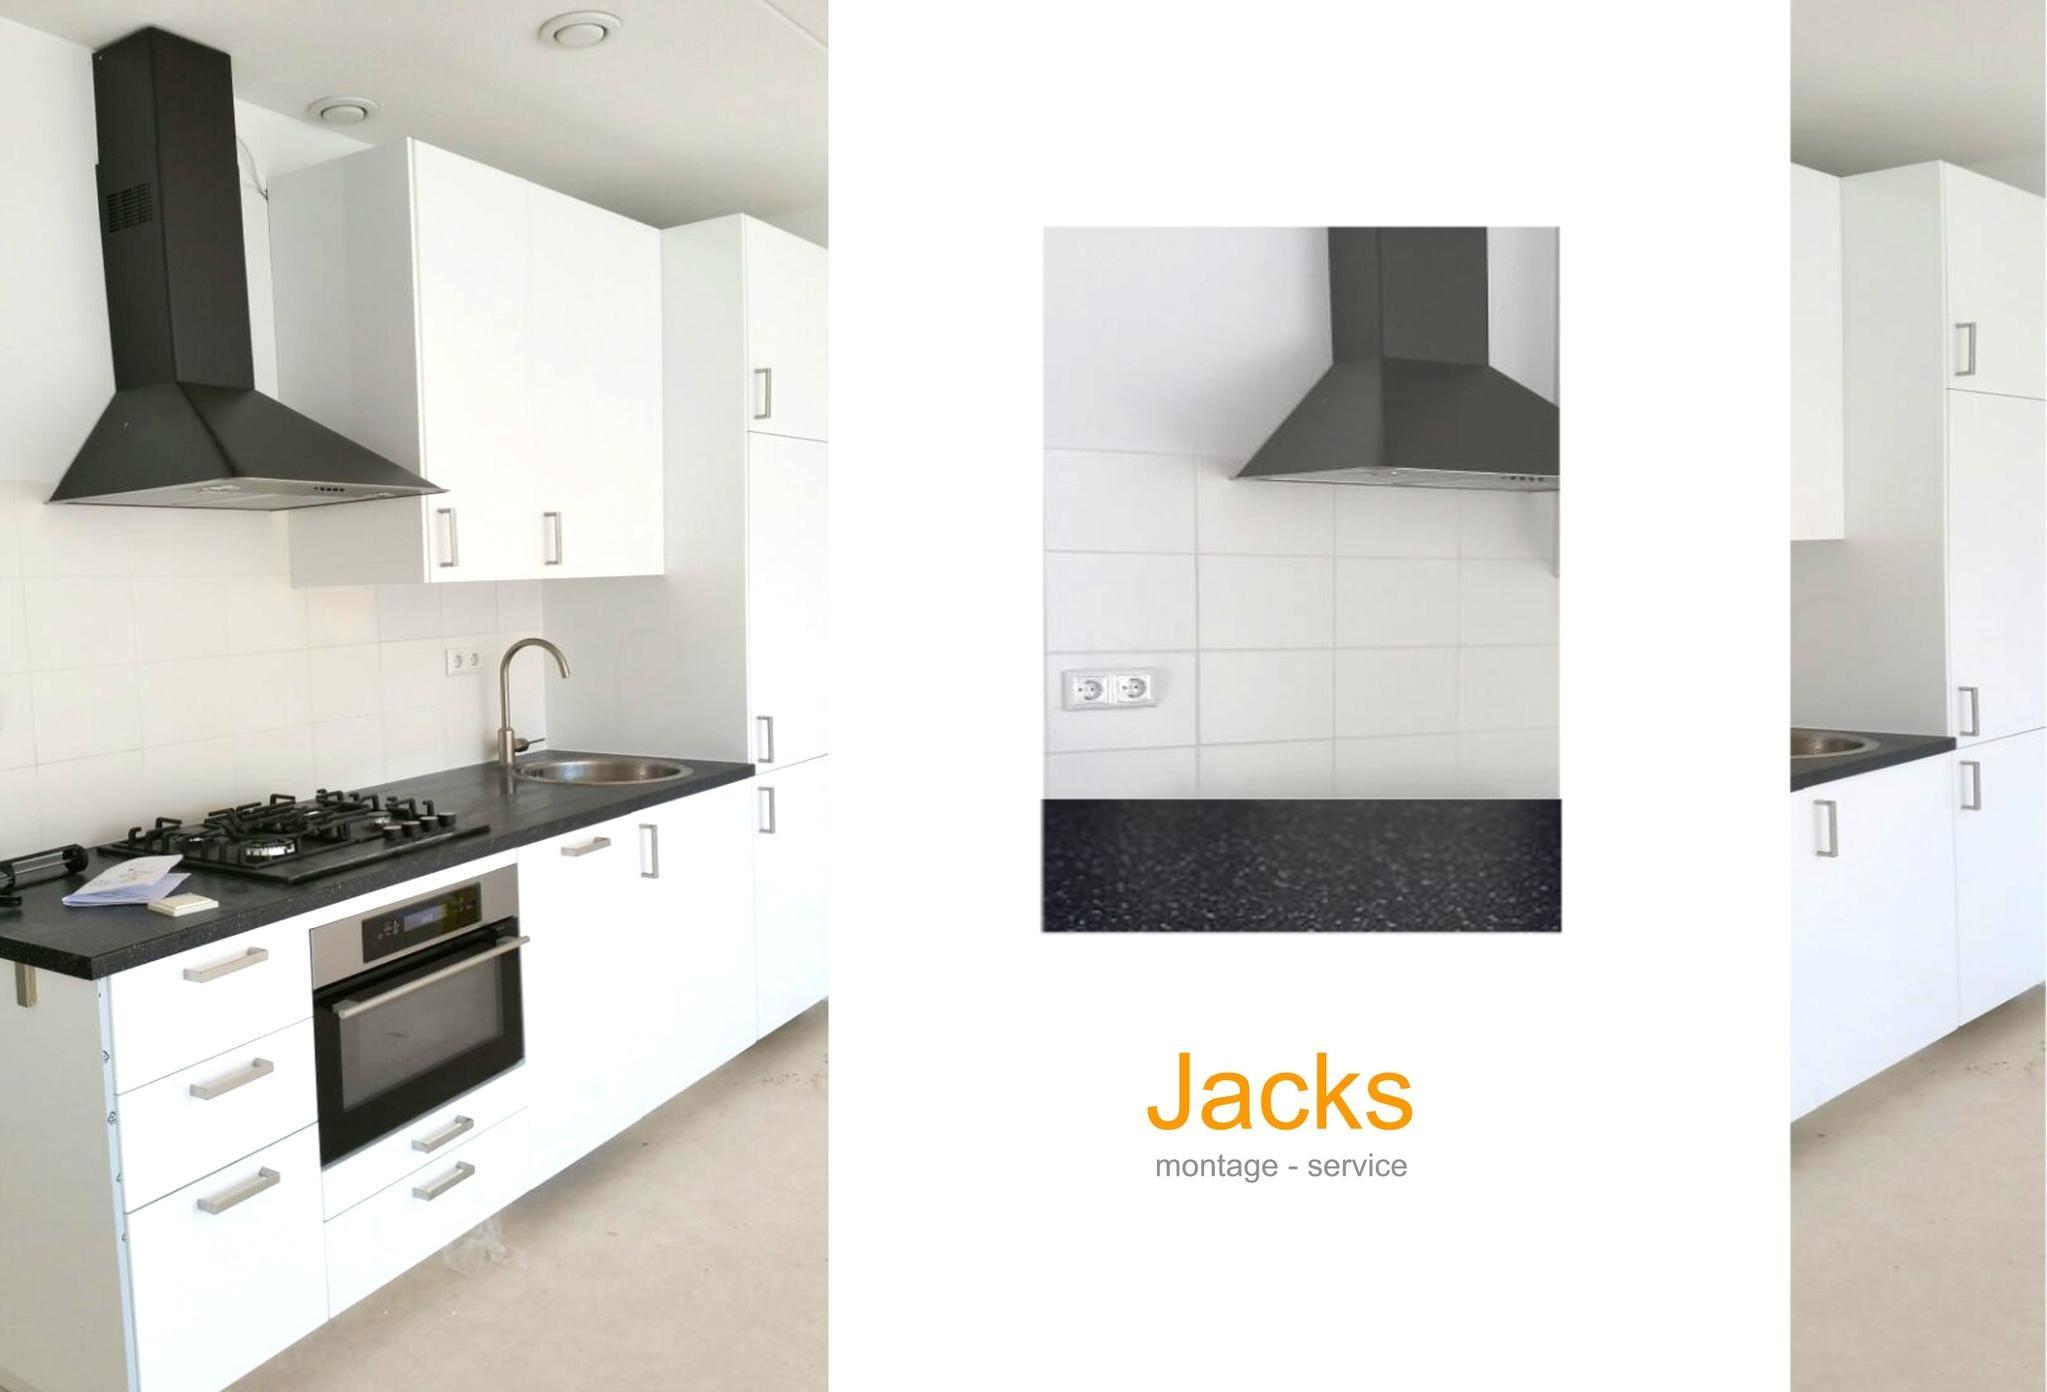 jacks montage service. Black Bedroom Furniture Sets. Home Design Ideas